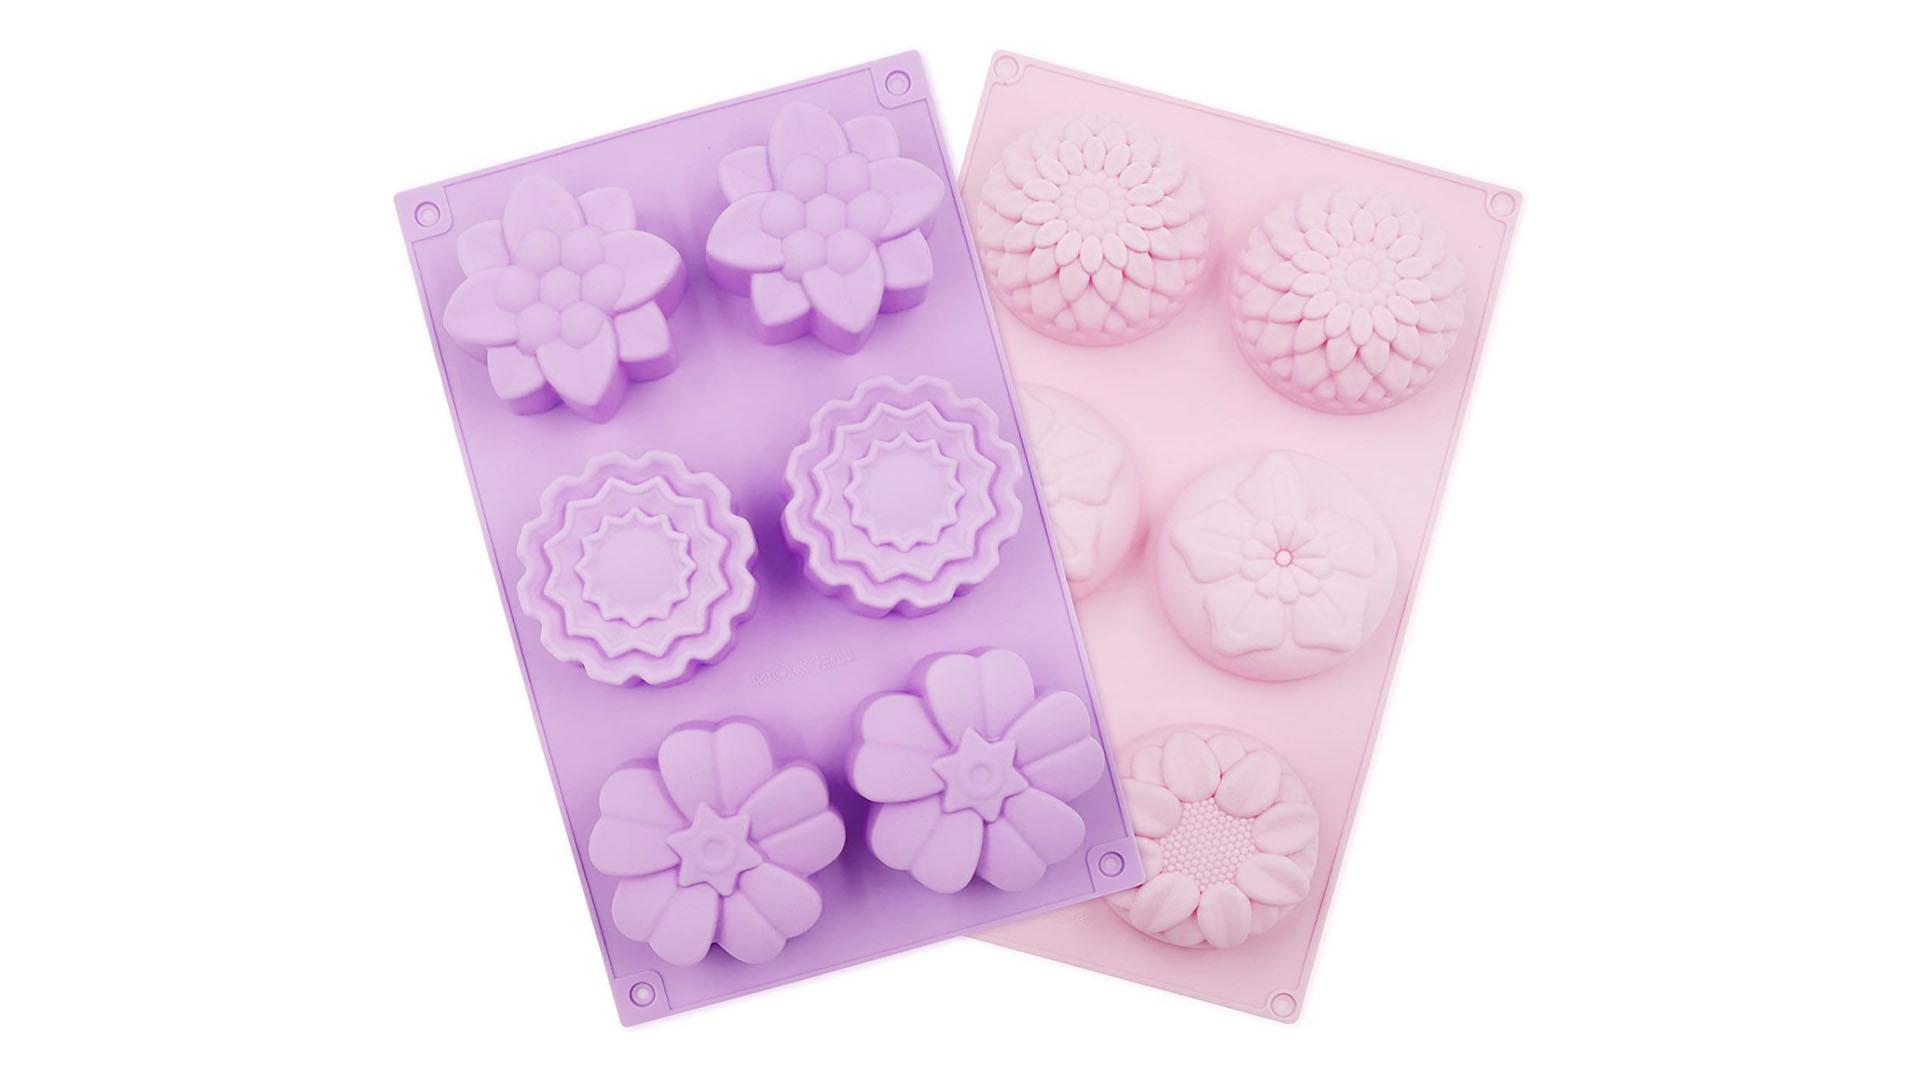 6-hulrums blomst silikone DIY håndlavede sæbeforme